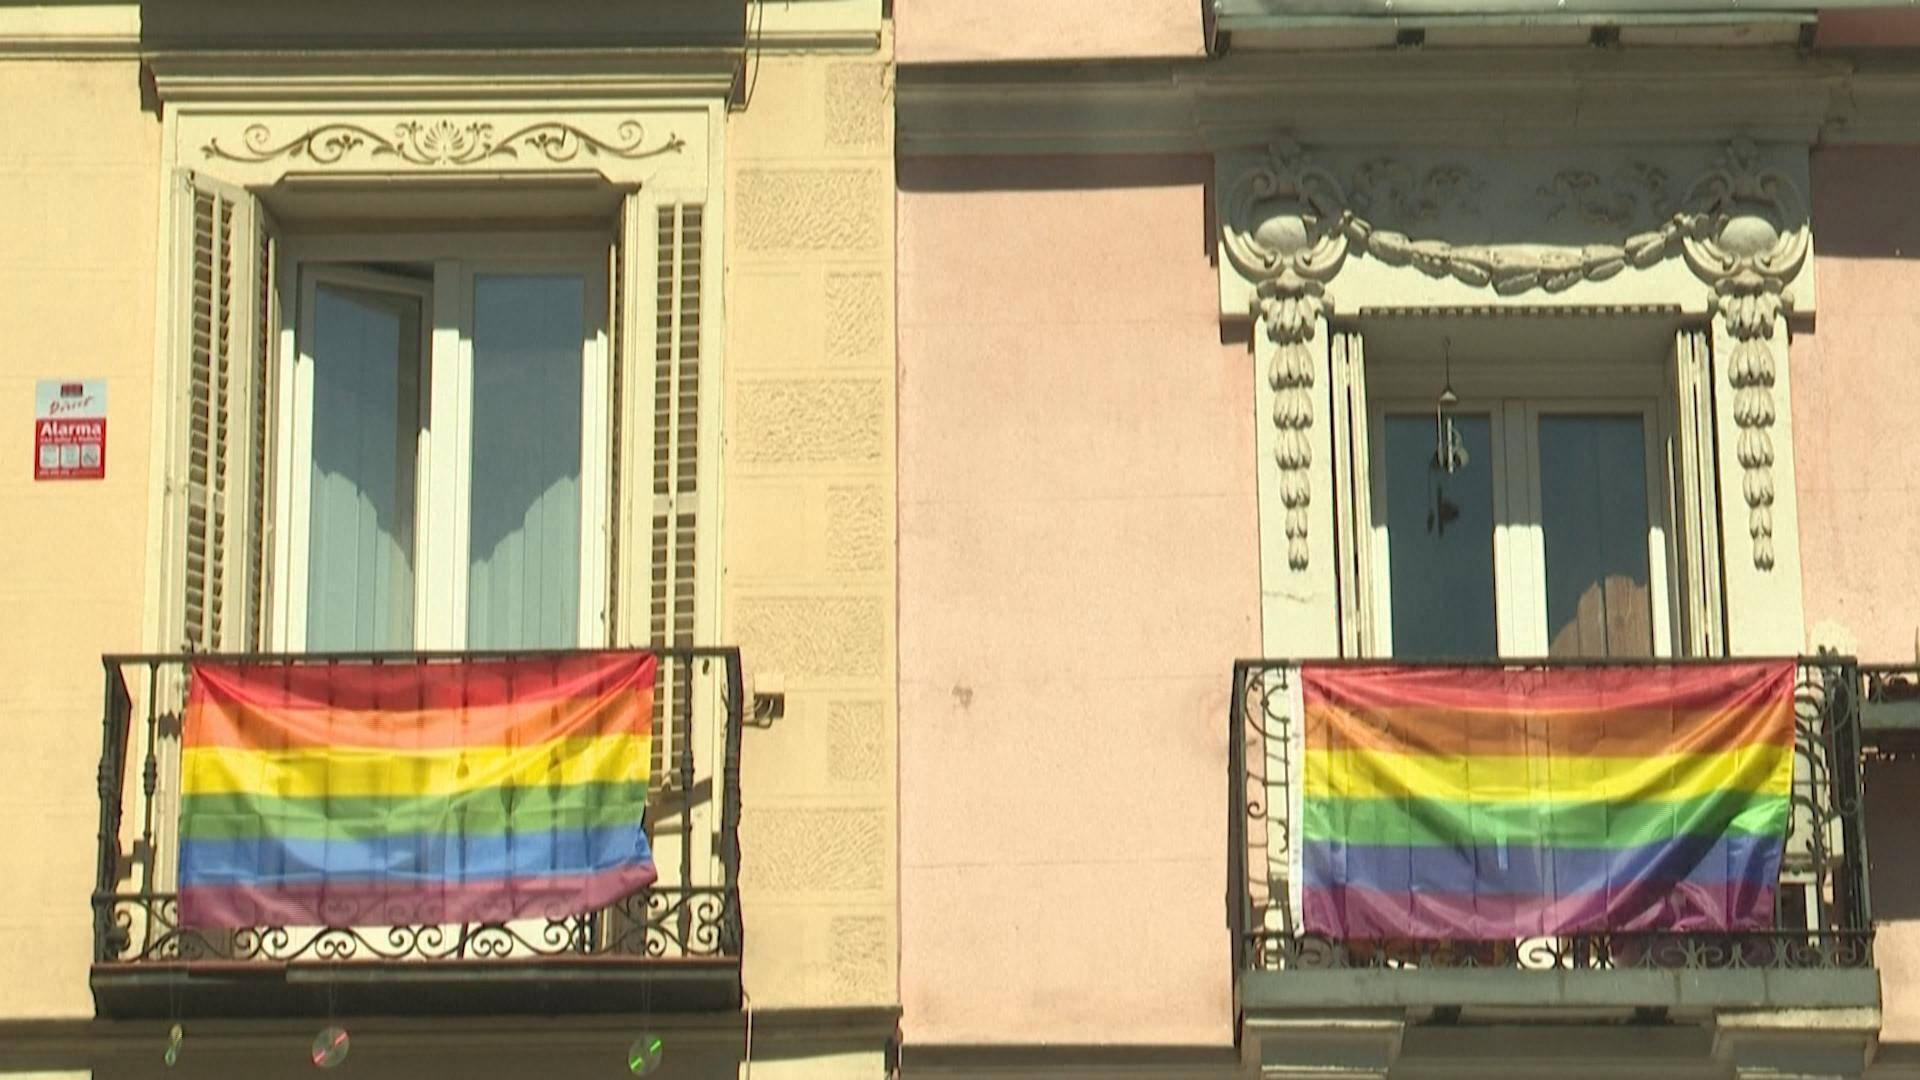 XX NW OOV LGBT ENFERMEDAD